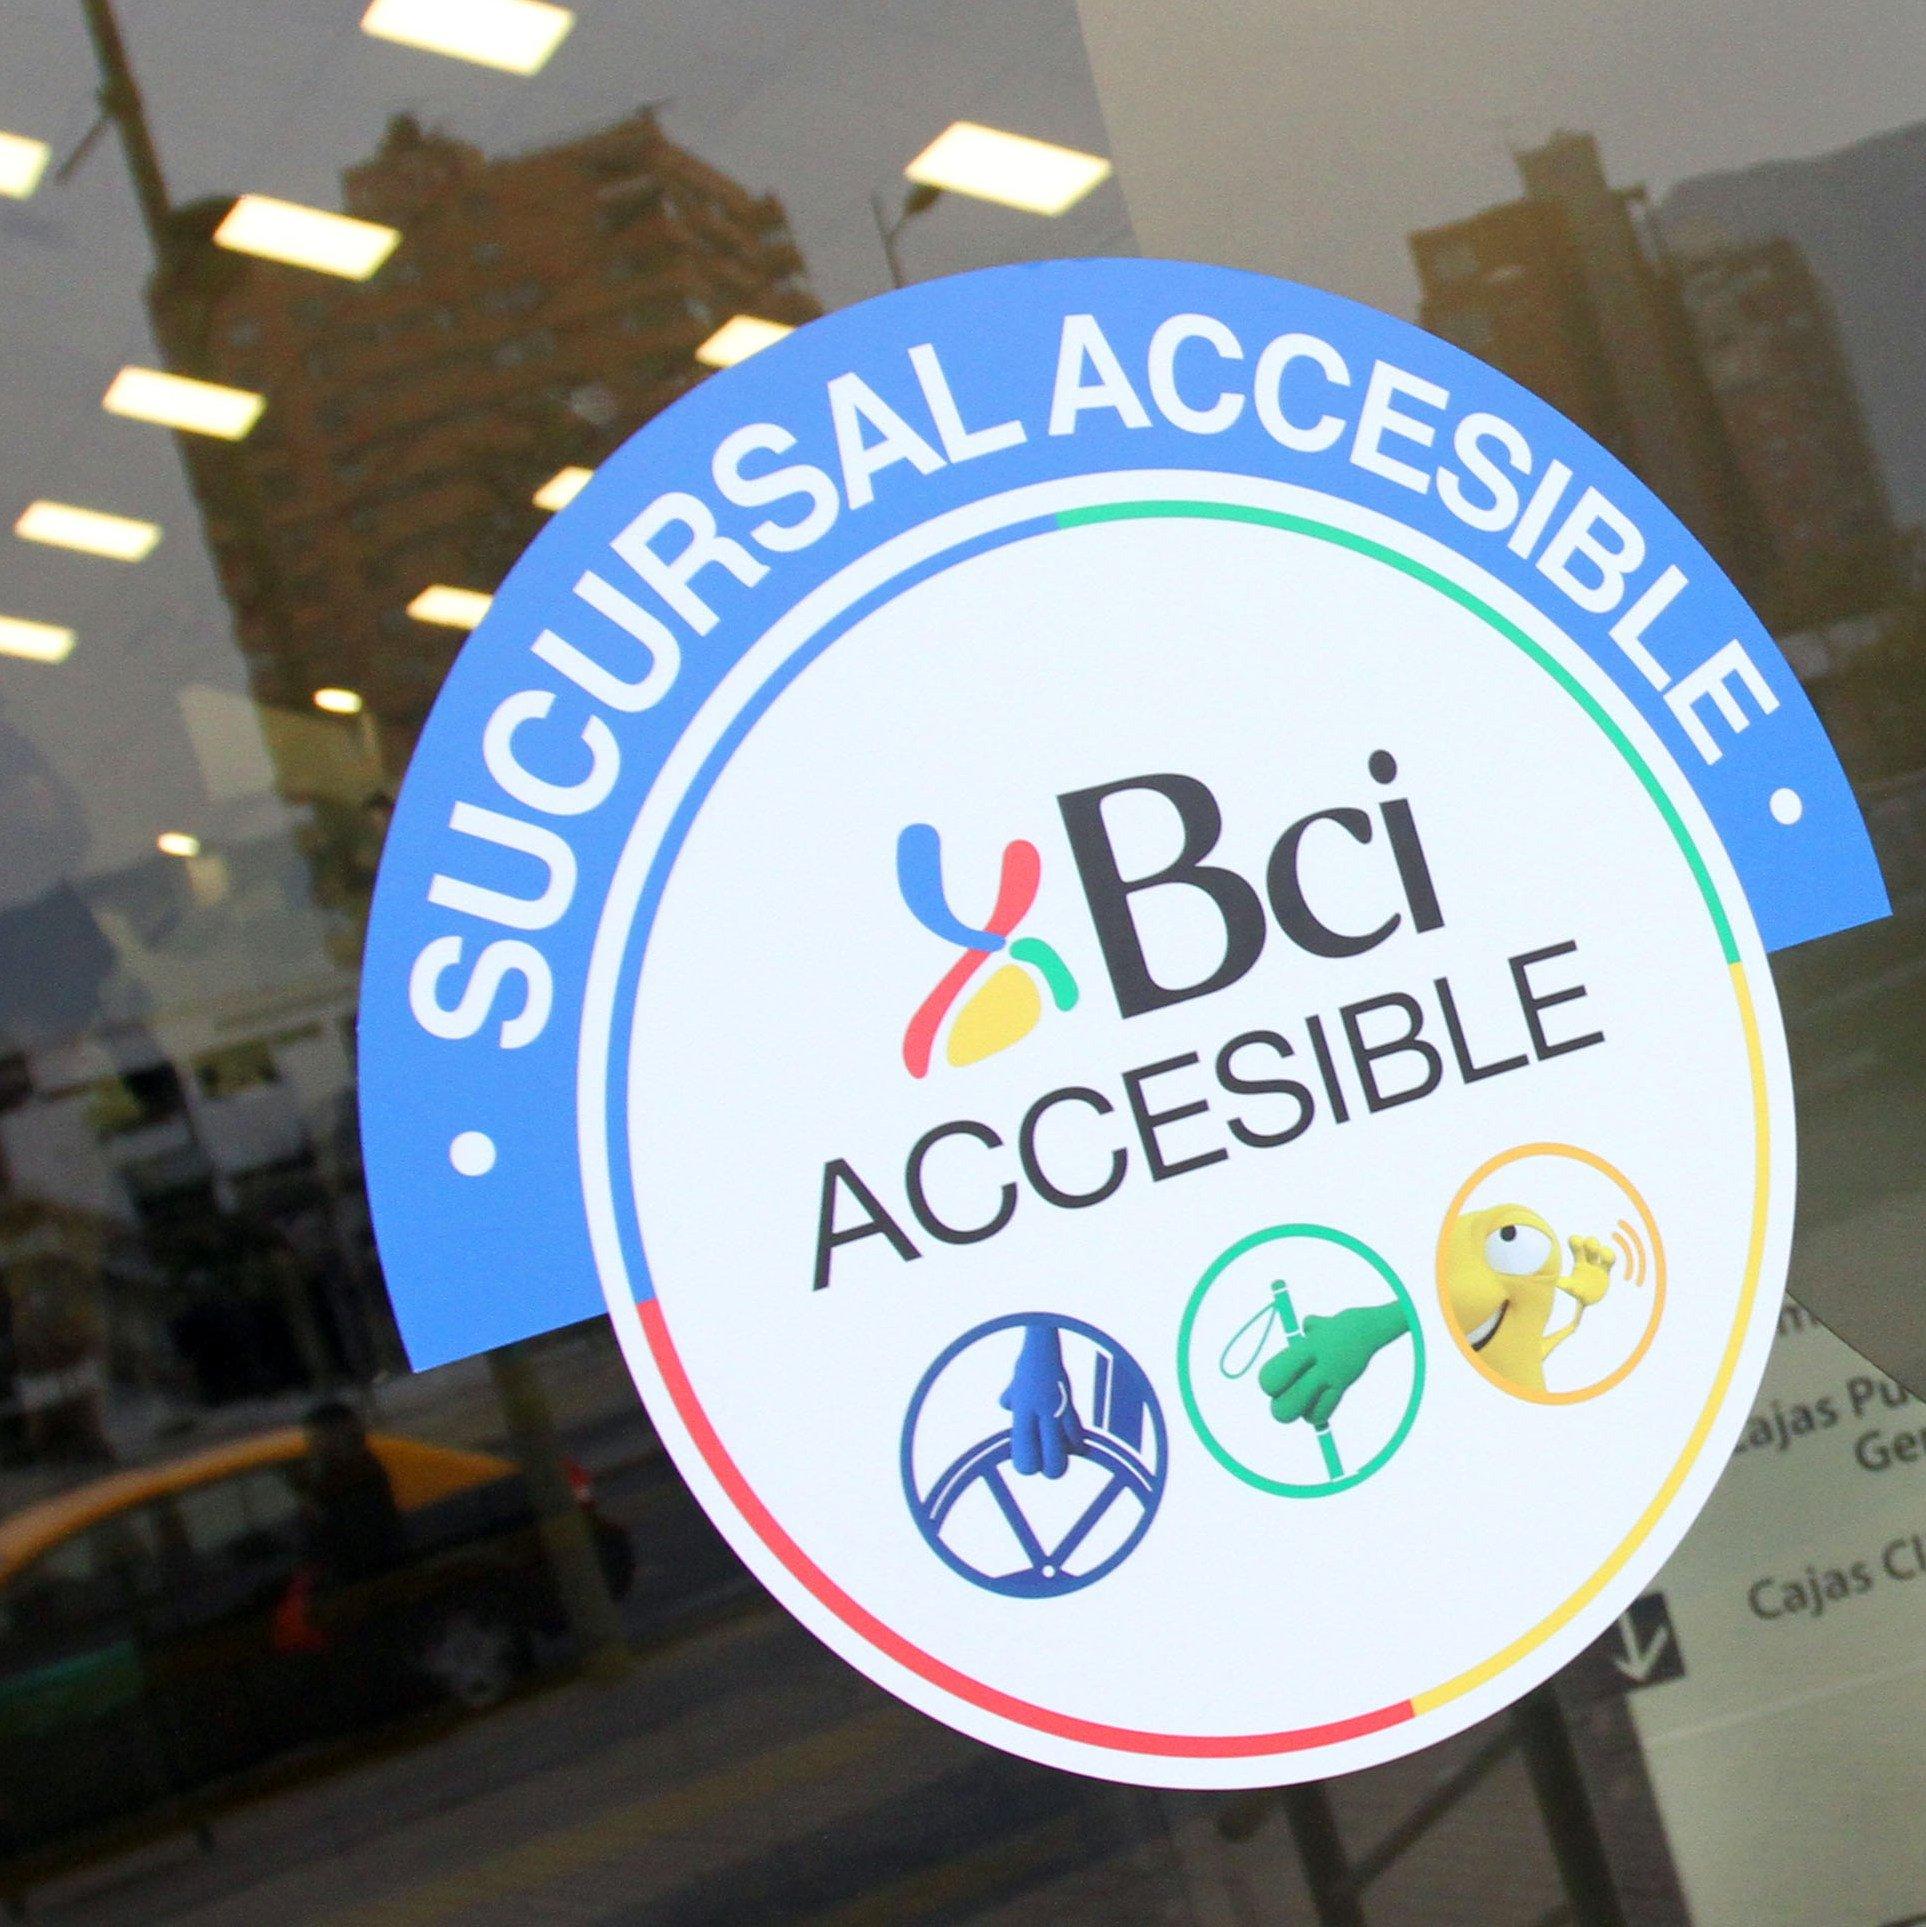 Lanzamiento del programa BCI ACCESIBLE